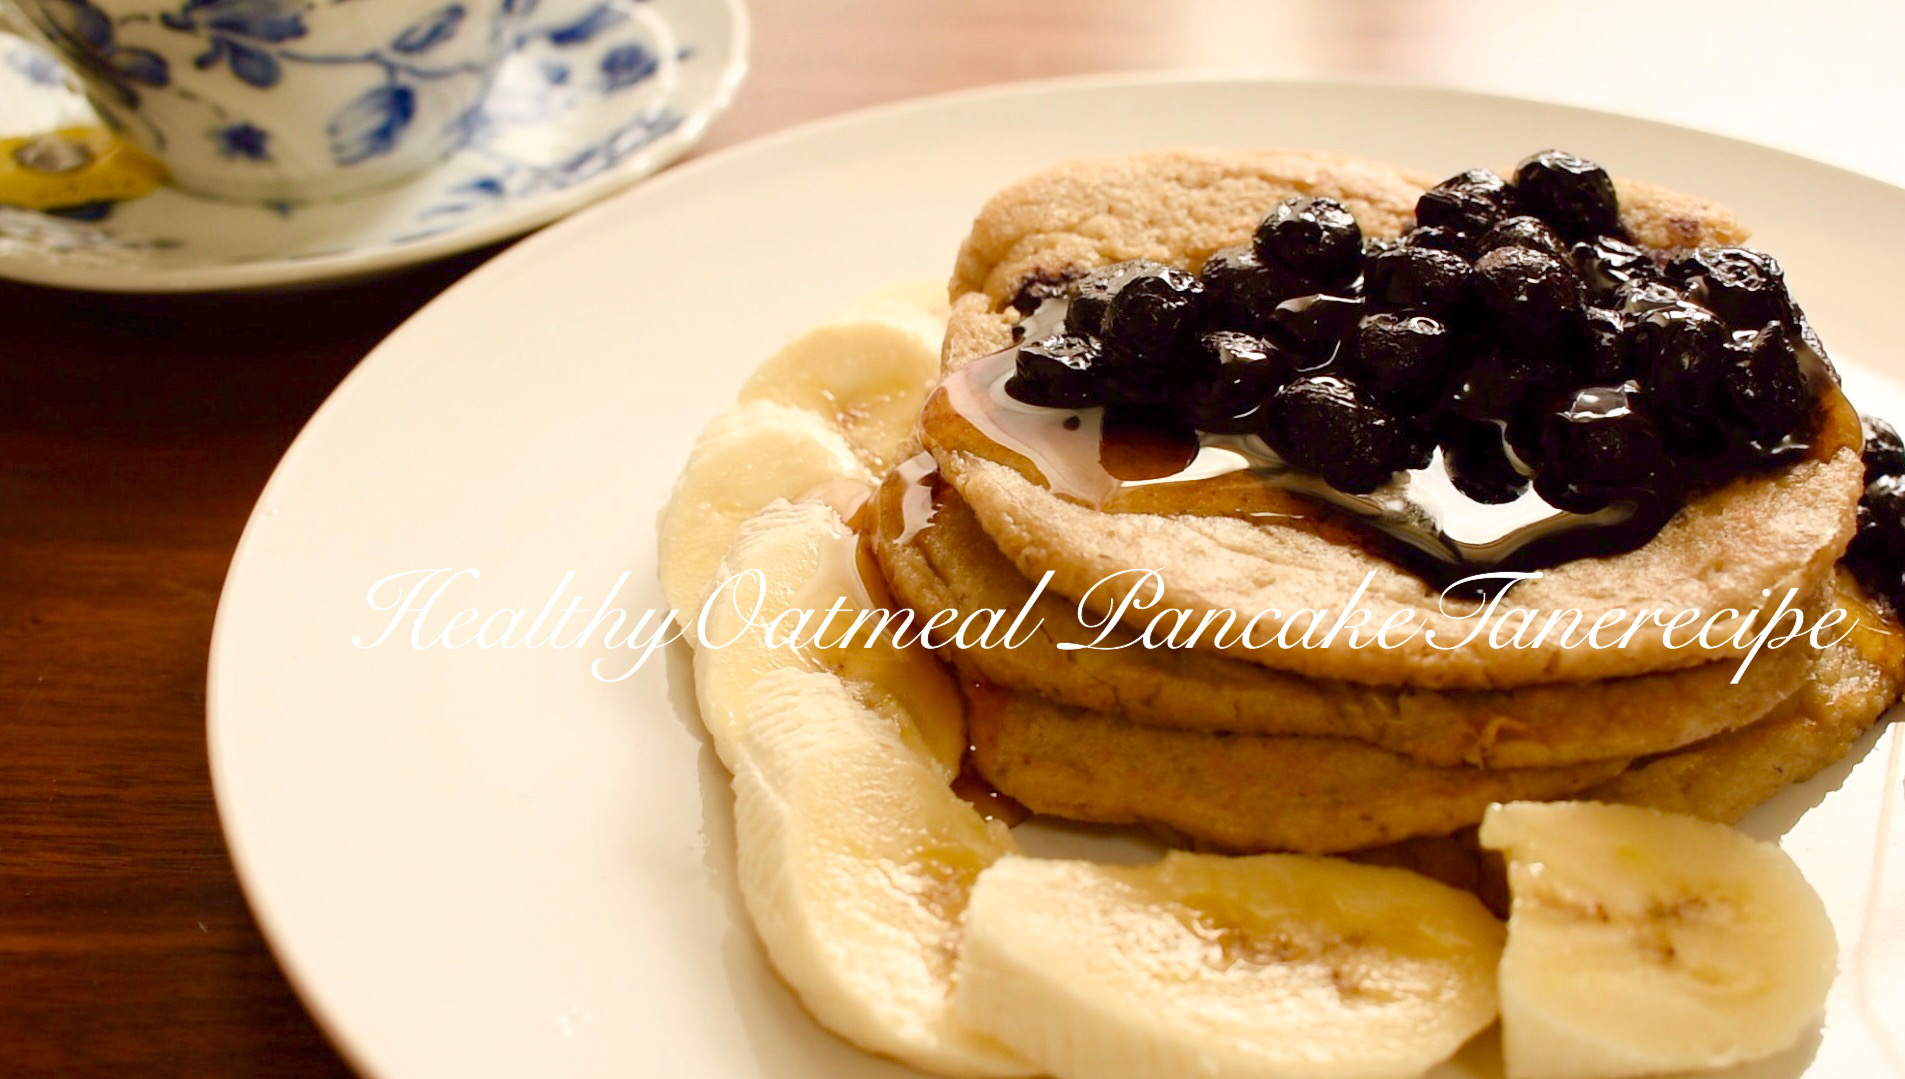 美味しいオートミールパンケーキレシピ 【ほわほわ食感|体に優しいおやつ】